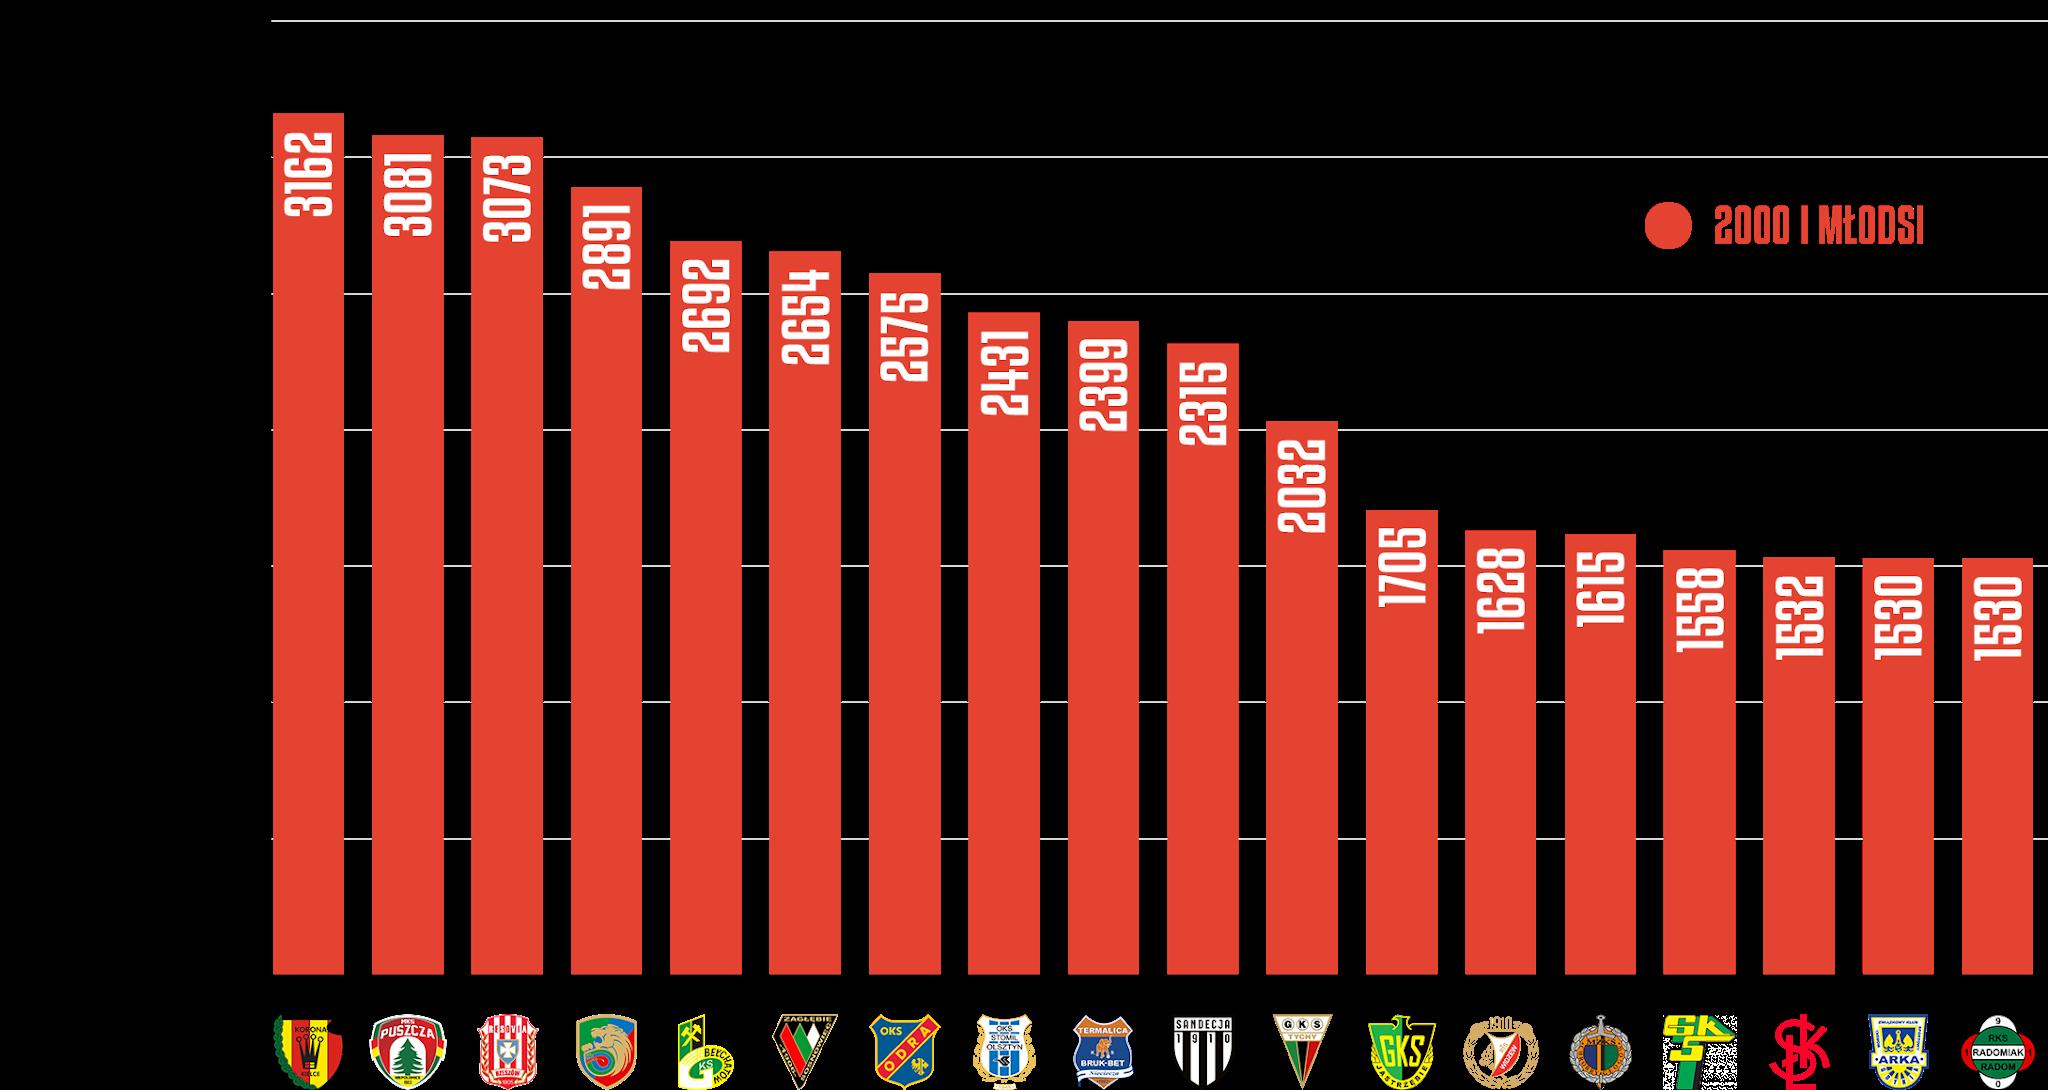 Klasyfikacja klubów pod względem rozegranego czasu przez młodzieżowców w rozgrywkach Fortuna 1 Ligi 2020/21<br><br>Źródło: Opracowanie własne na podstawie 90minut.pl<br><br>graf. Bartosz Urban